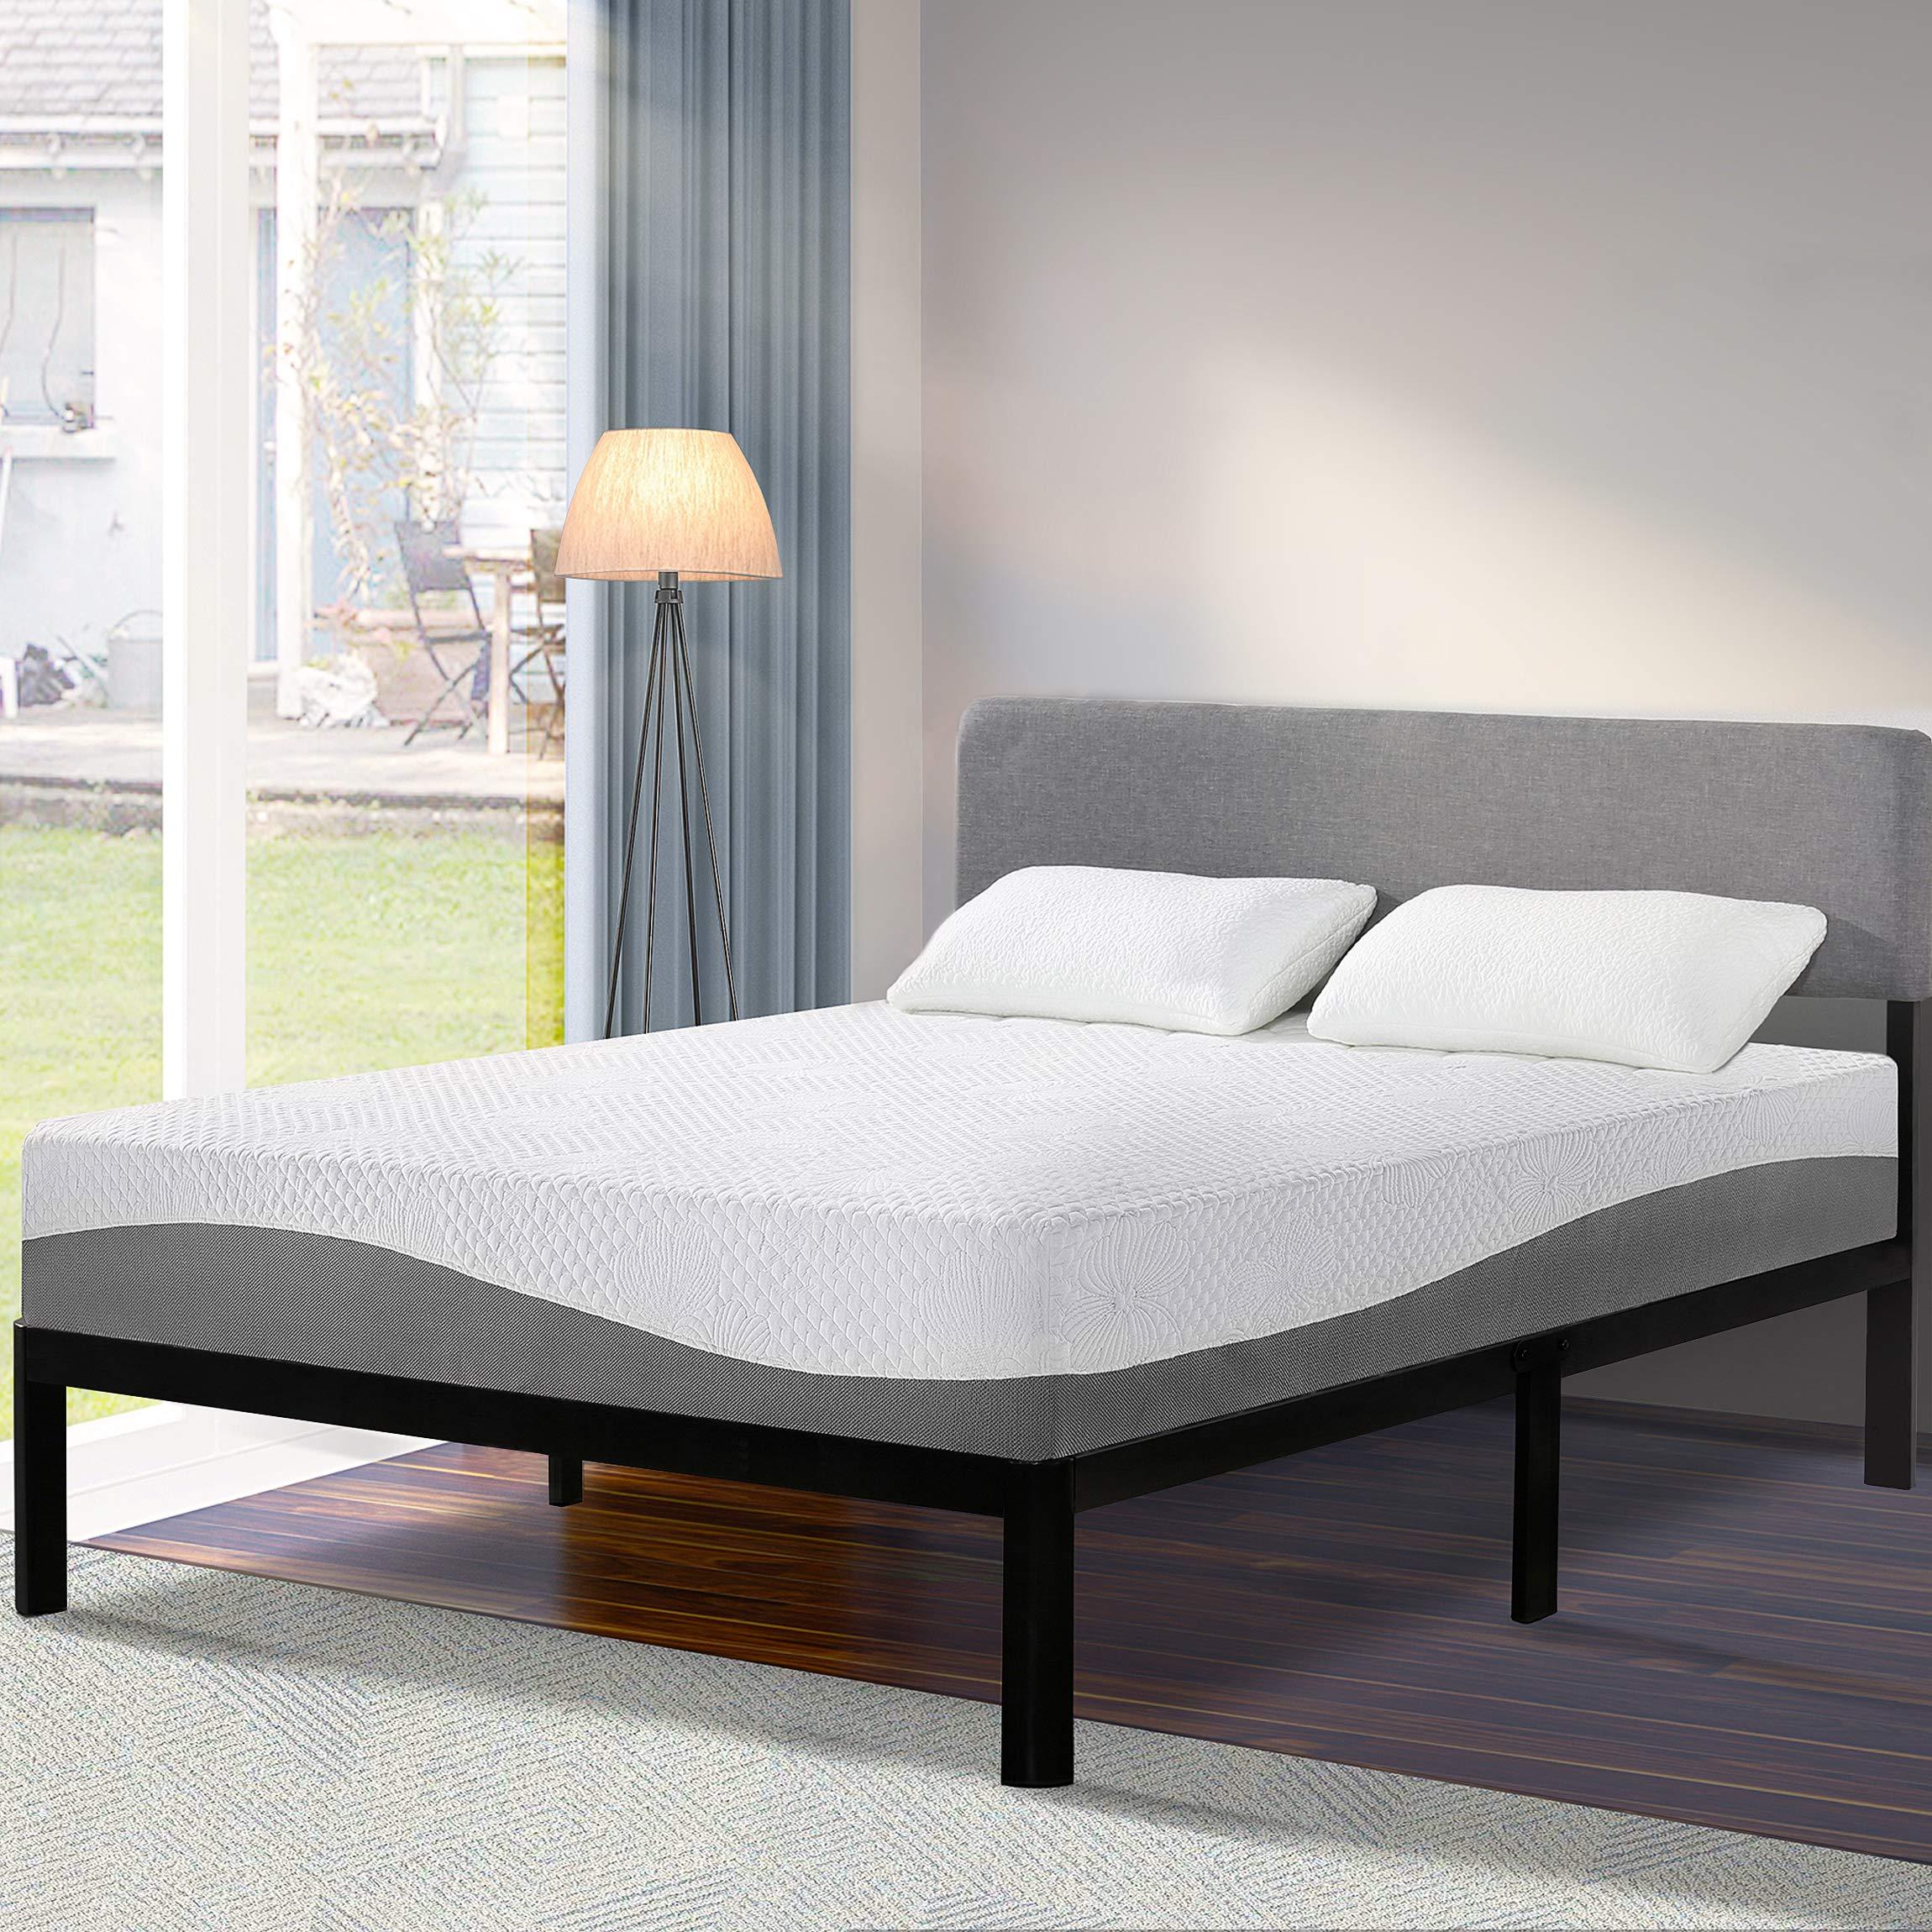 Olee Sleep 10 in Aquarius Memory  Foam Mattress Full 10FM02F by Olee Sleep